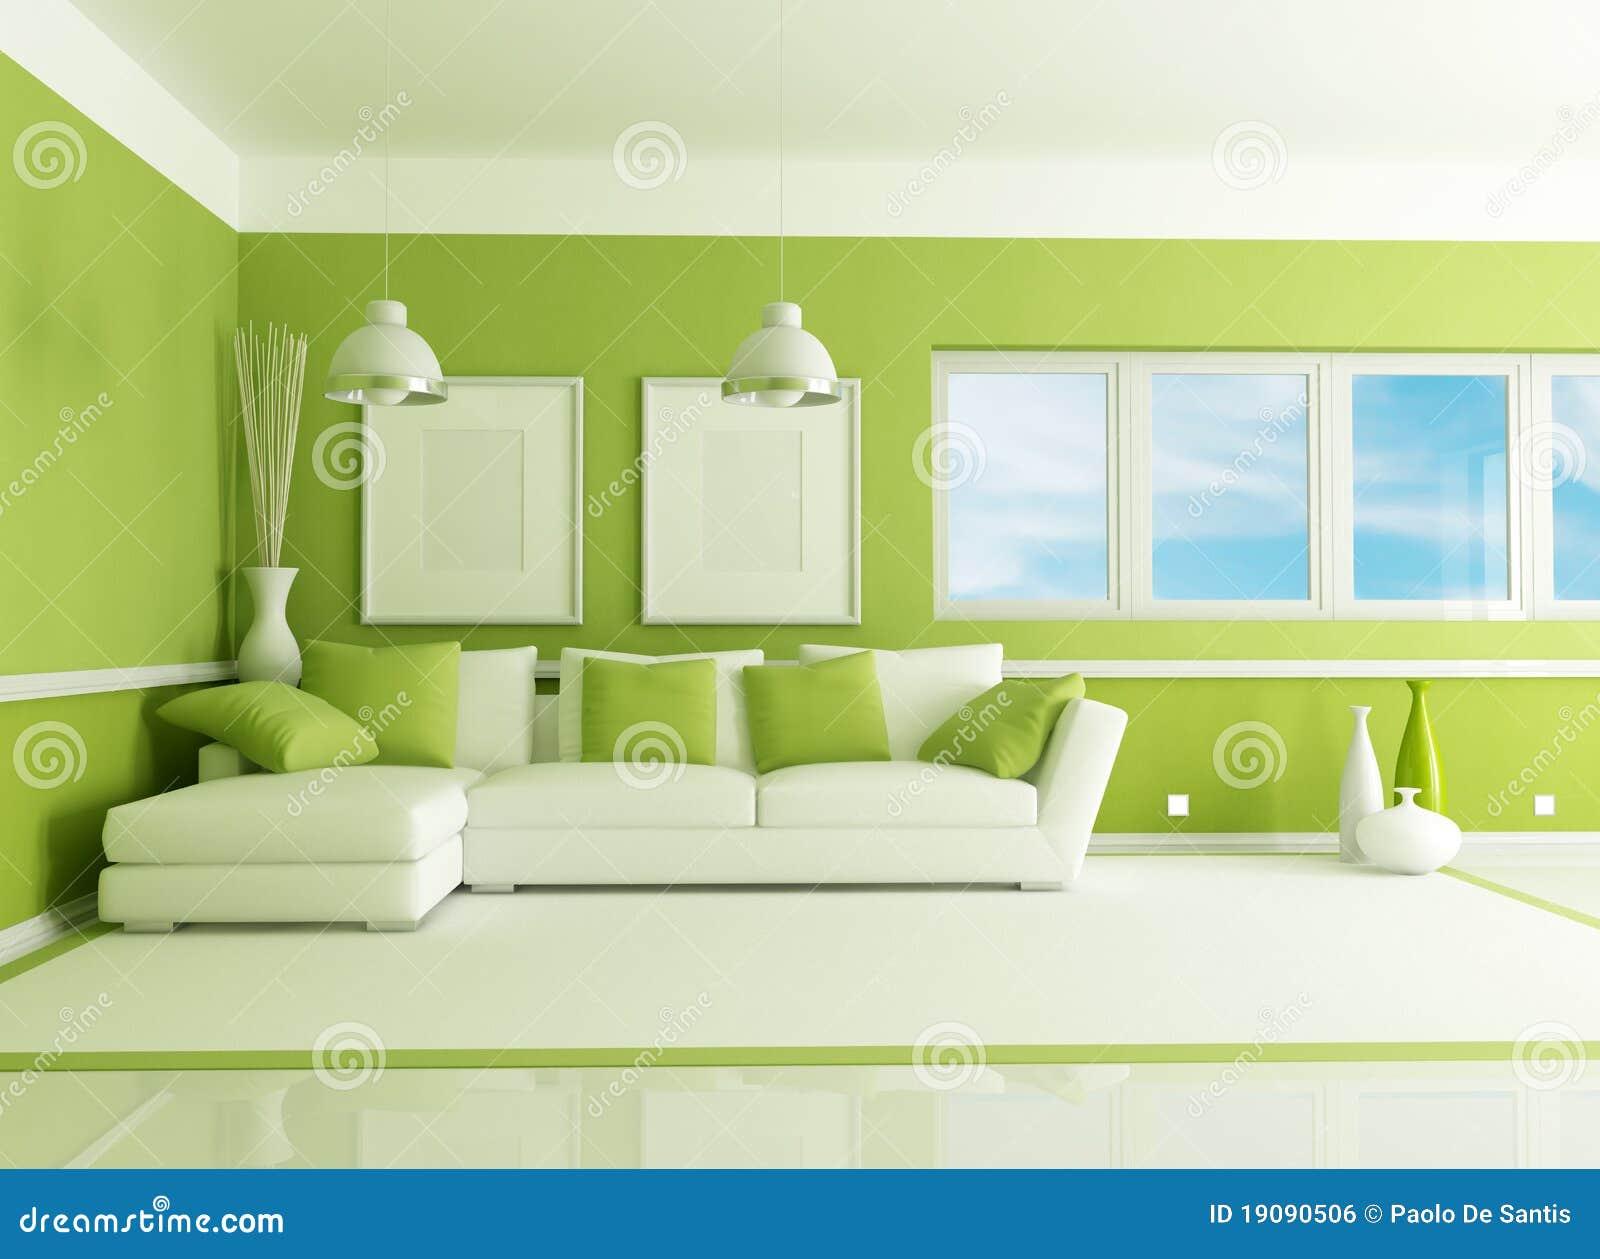 Sala De Estar Com Verde ~ Sala De Estar Verde Imagen de archivo libre de regalías  Imagen